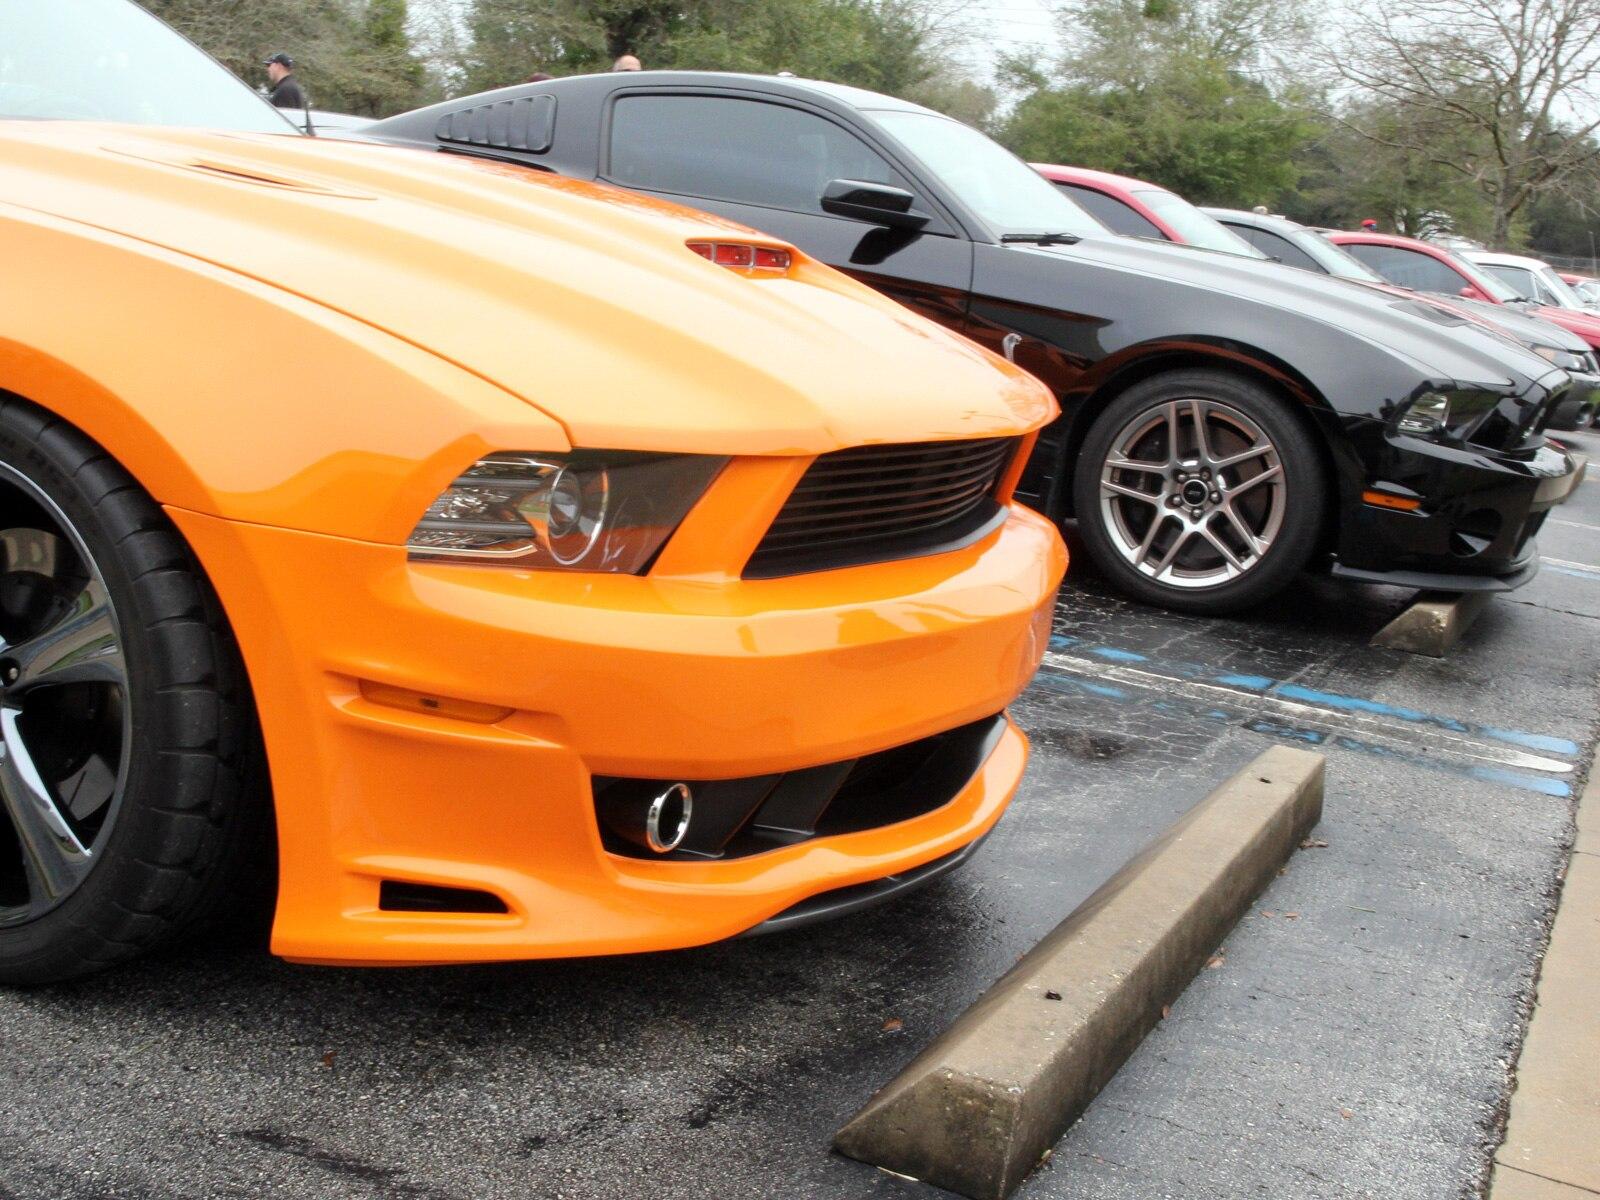 1401 2013 Ford Mustang Orange Saleen